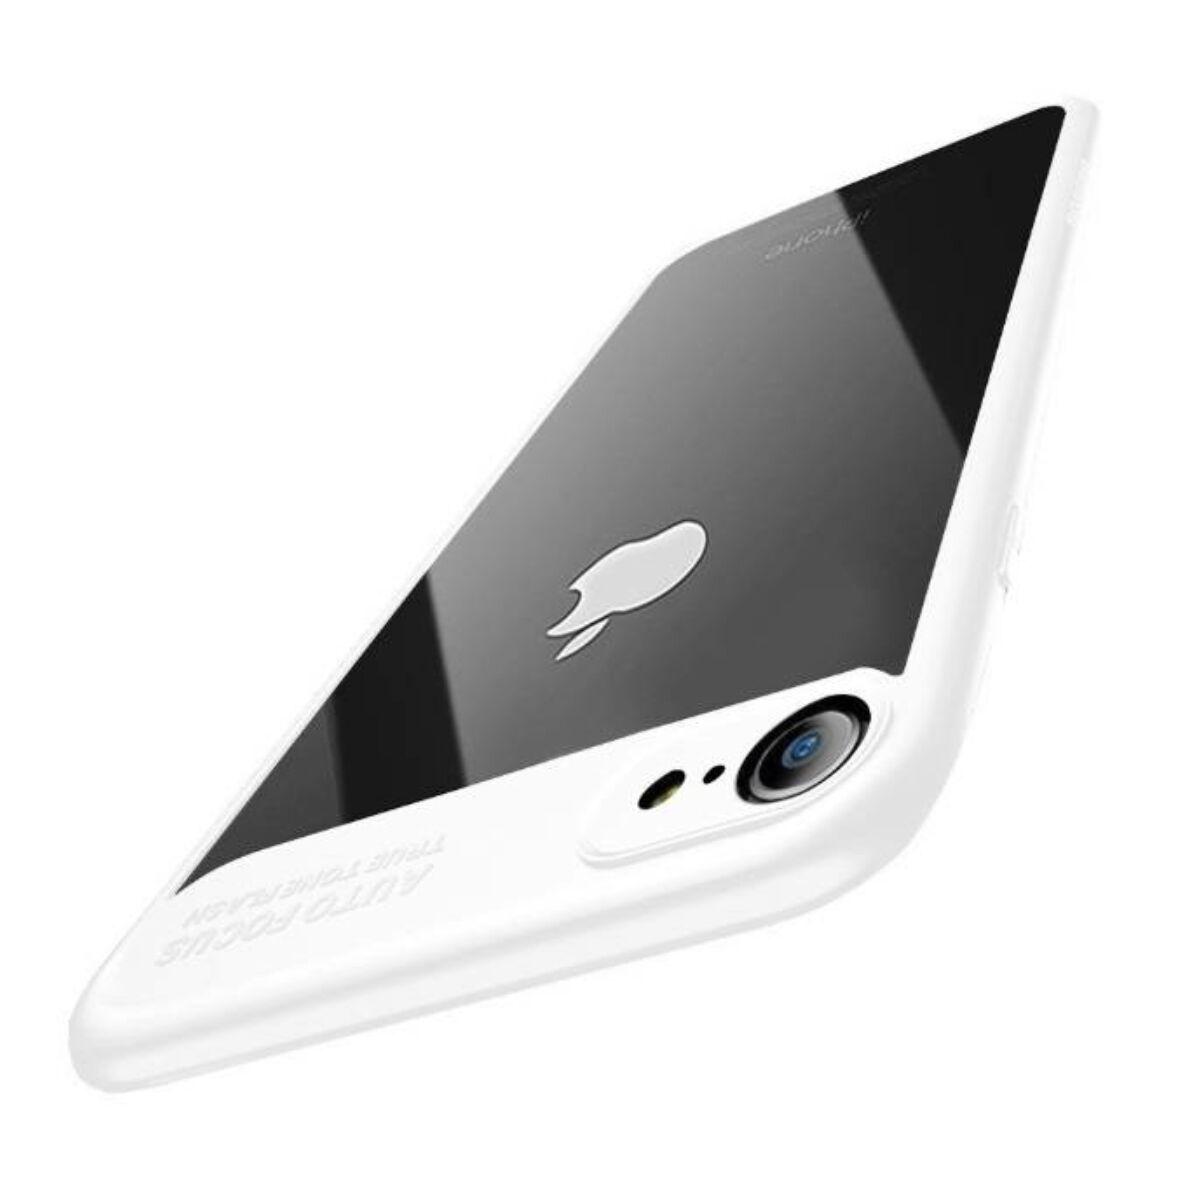 Baseus iPhone 8/7 tok, Sutok, Thin, fehér (WIAPIPH7-SB02)